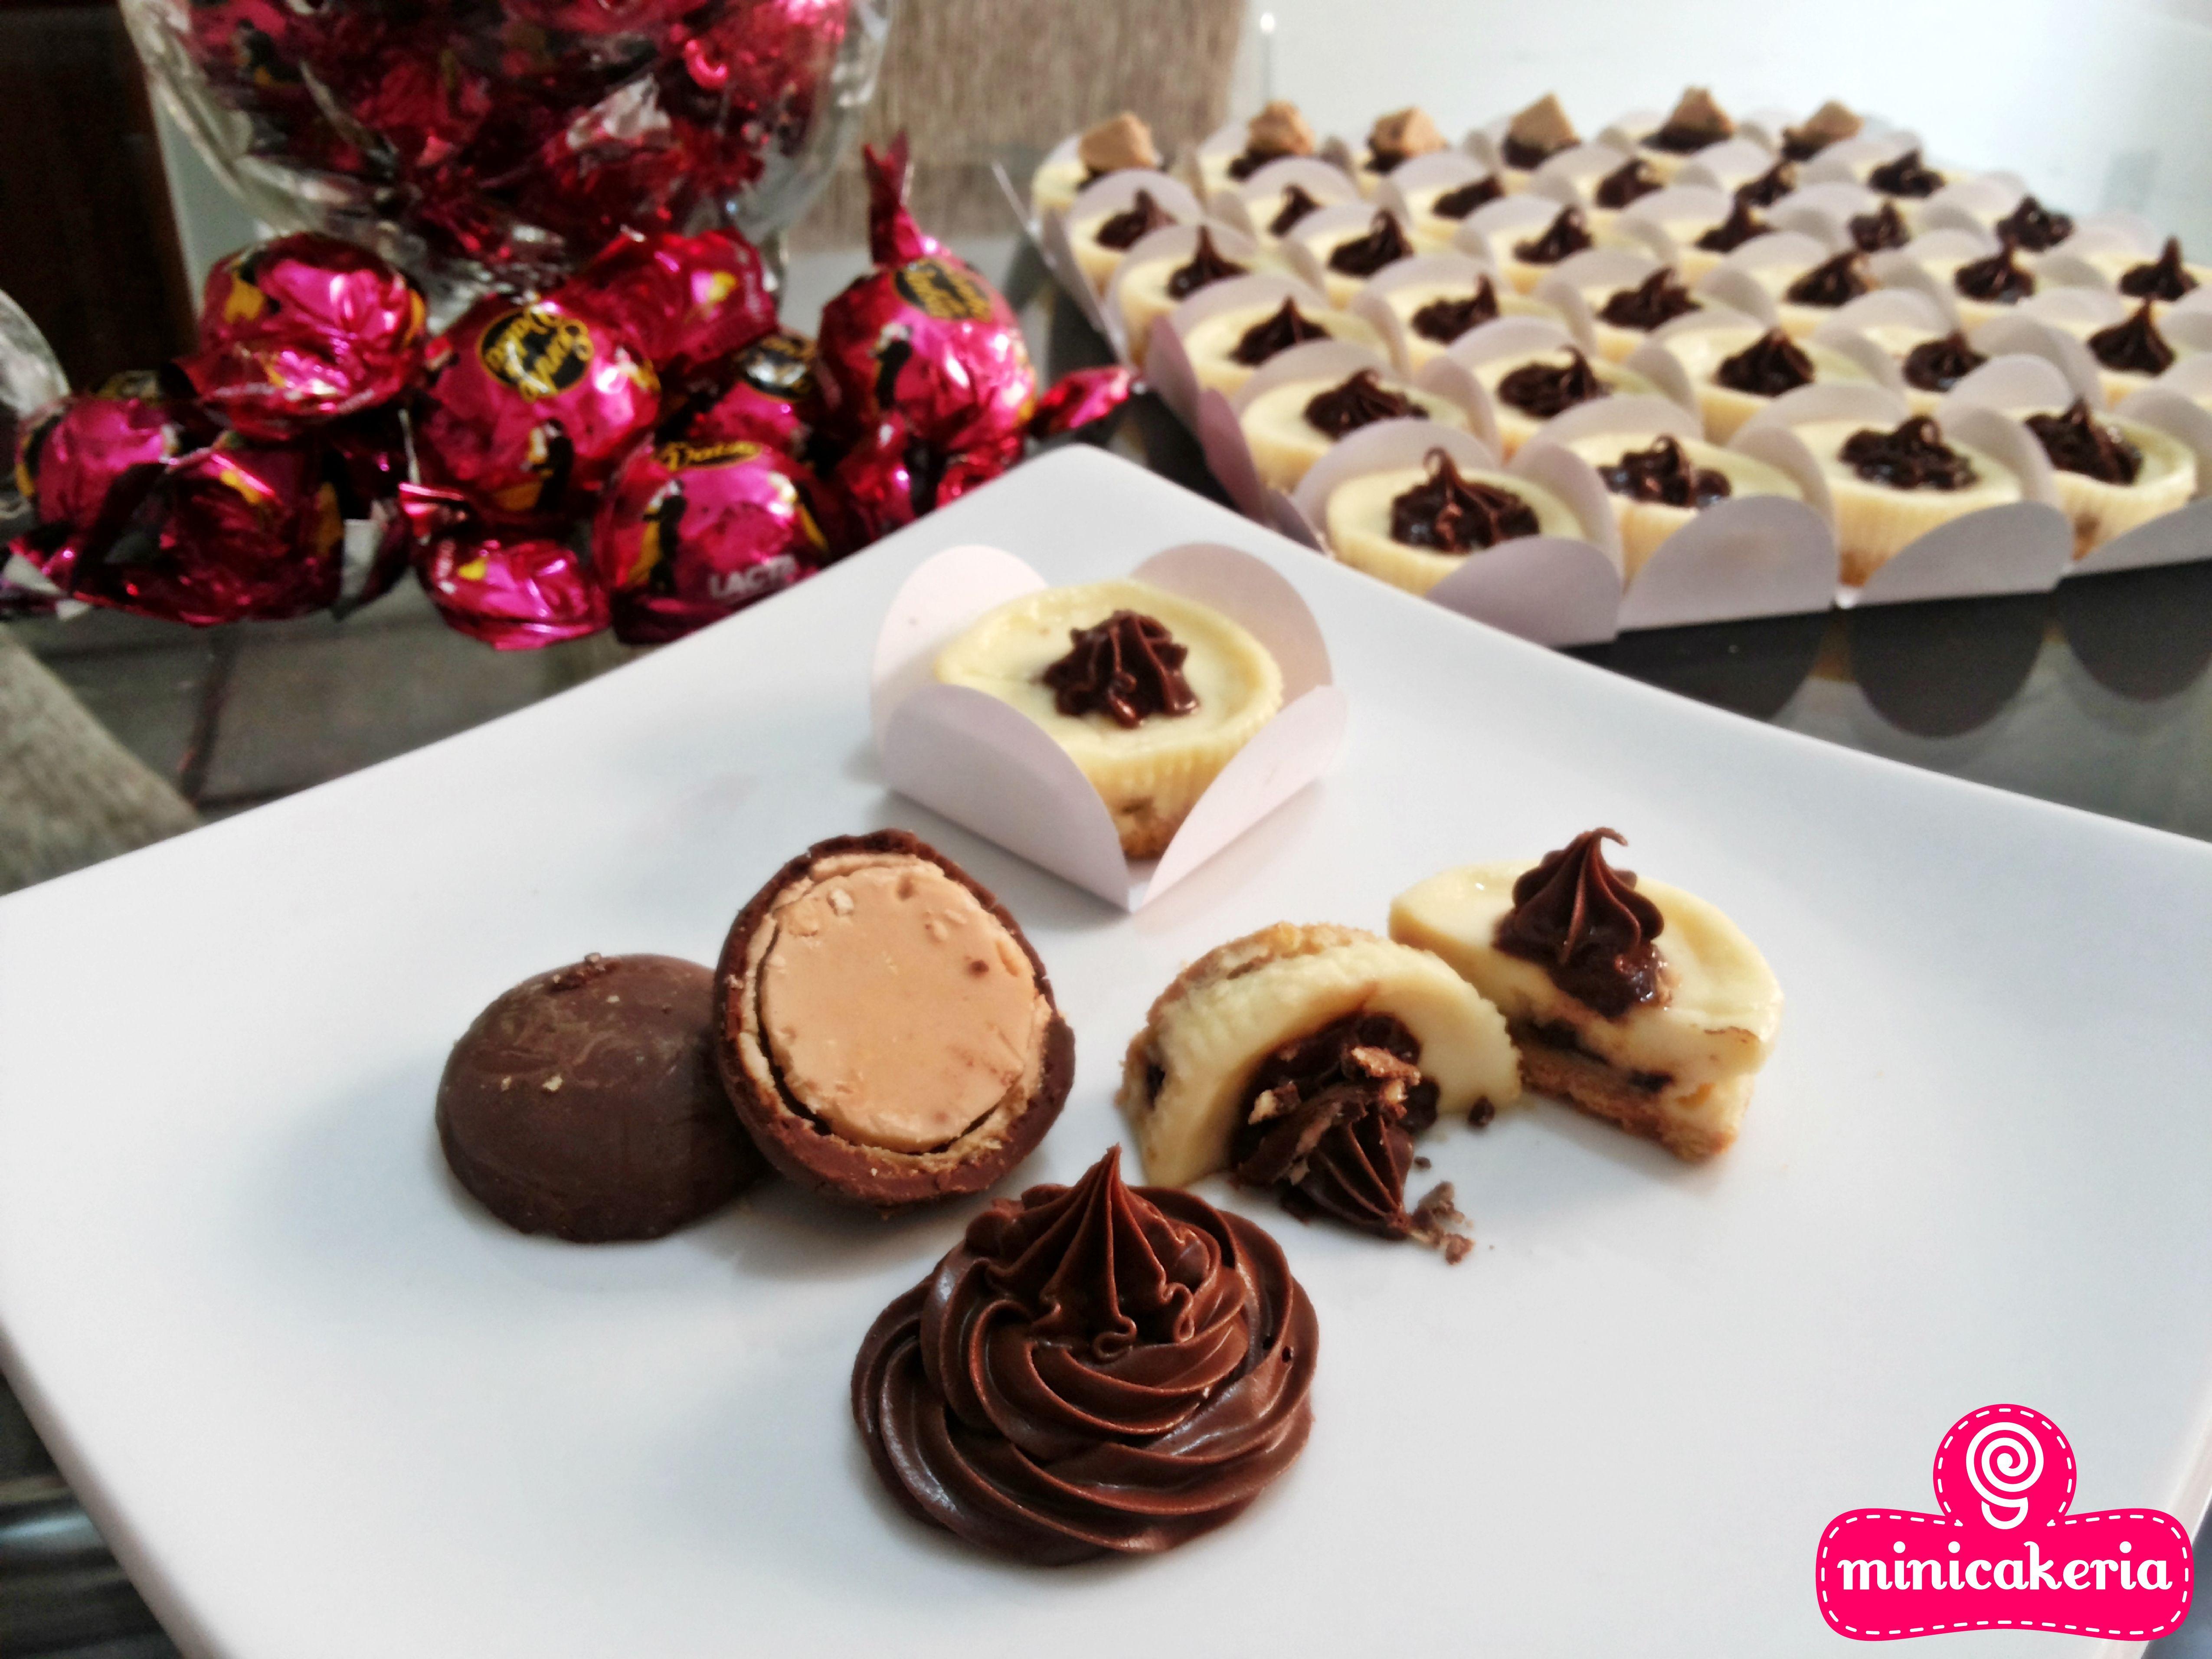 Sabor: Sonho de Valsa e Nutella - Mini cheesecake recheado com pedacinhos de Sonho de Valsa e cobertura de Nutella.  #Minicakeria #MiniCheesecake #Cheesecake #FeitoComAmor #SonhoDeValsa #Nutella